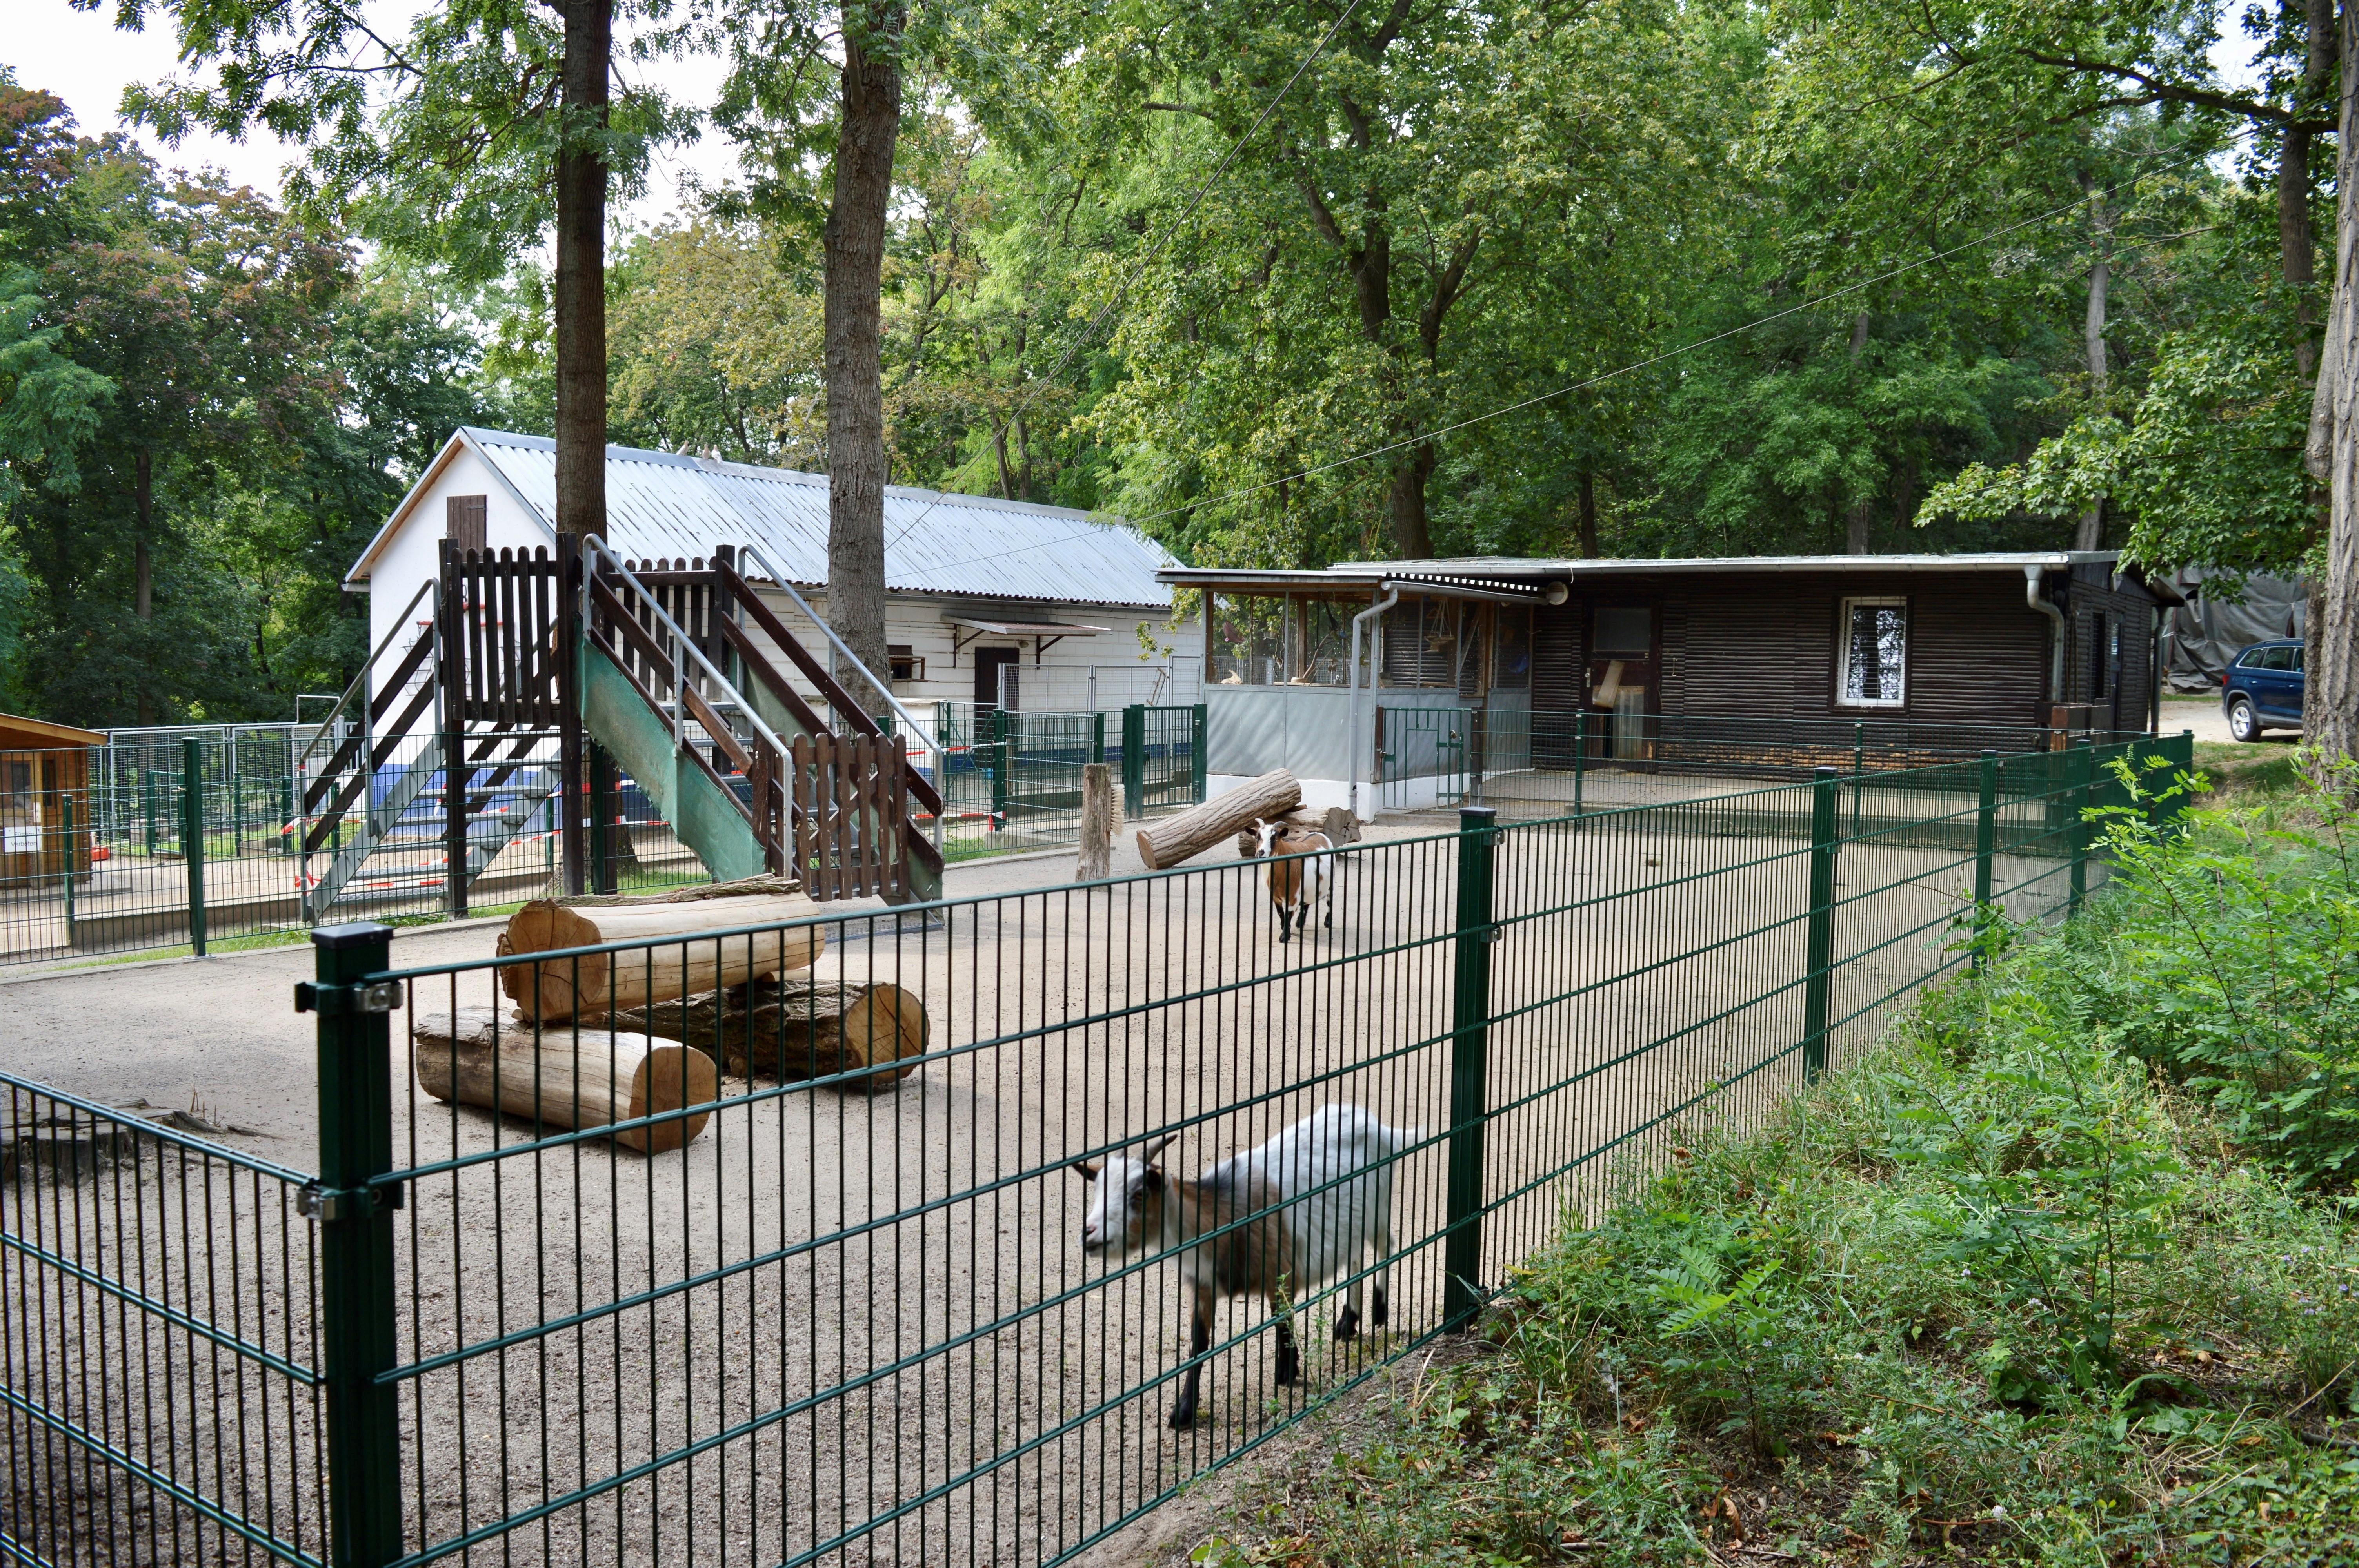 Im Streichelgehege auf dem Wartenberg können alle großen und kleinen Besucher Ziegen hautnah erleben.